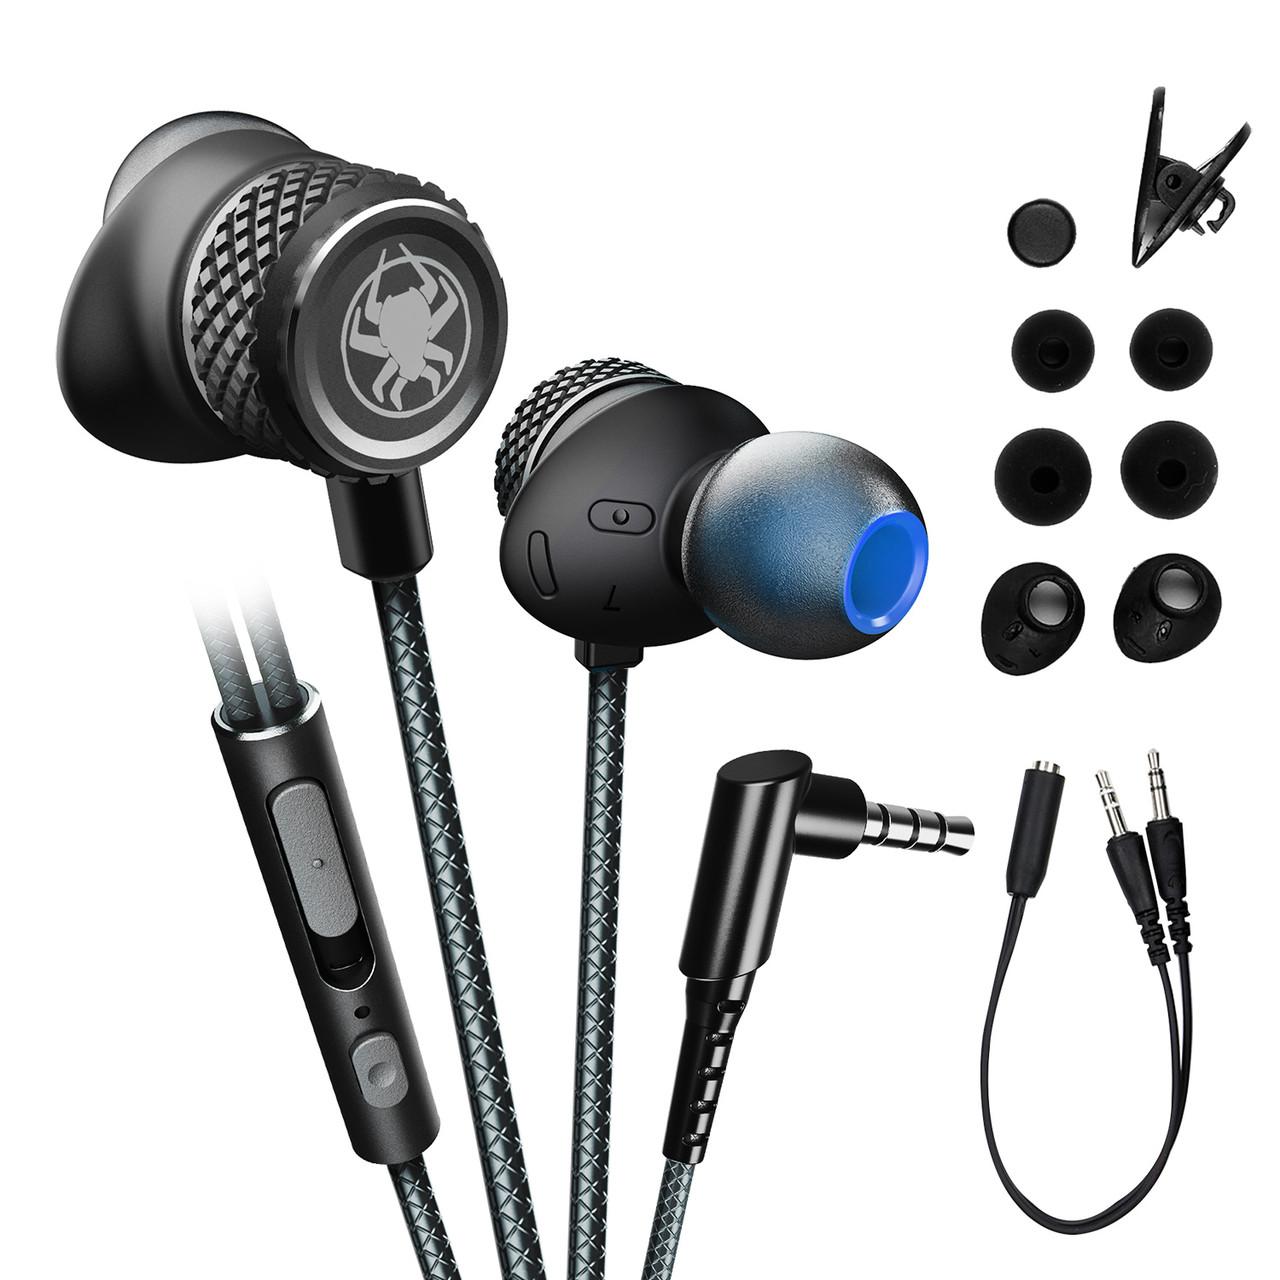 Проводные вакуумные игровые стерео наушники  (1.2м) геймерская гарнитура с микрофоном для для ПК ноутбука PS4